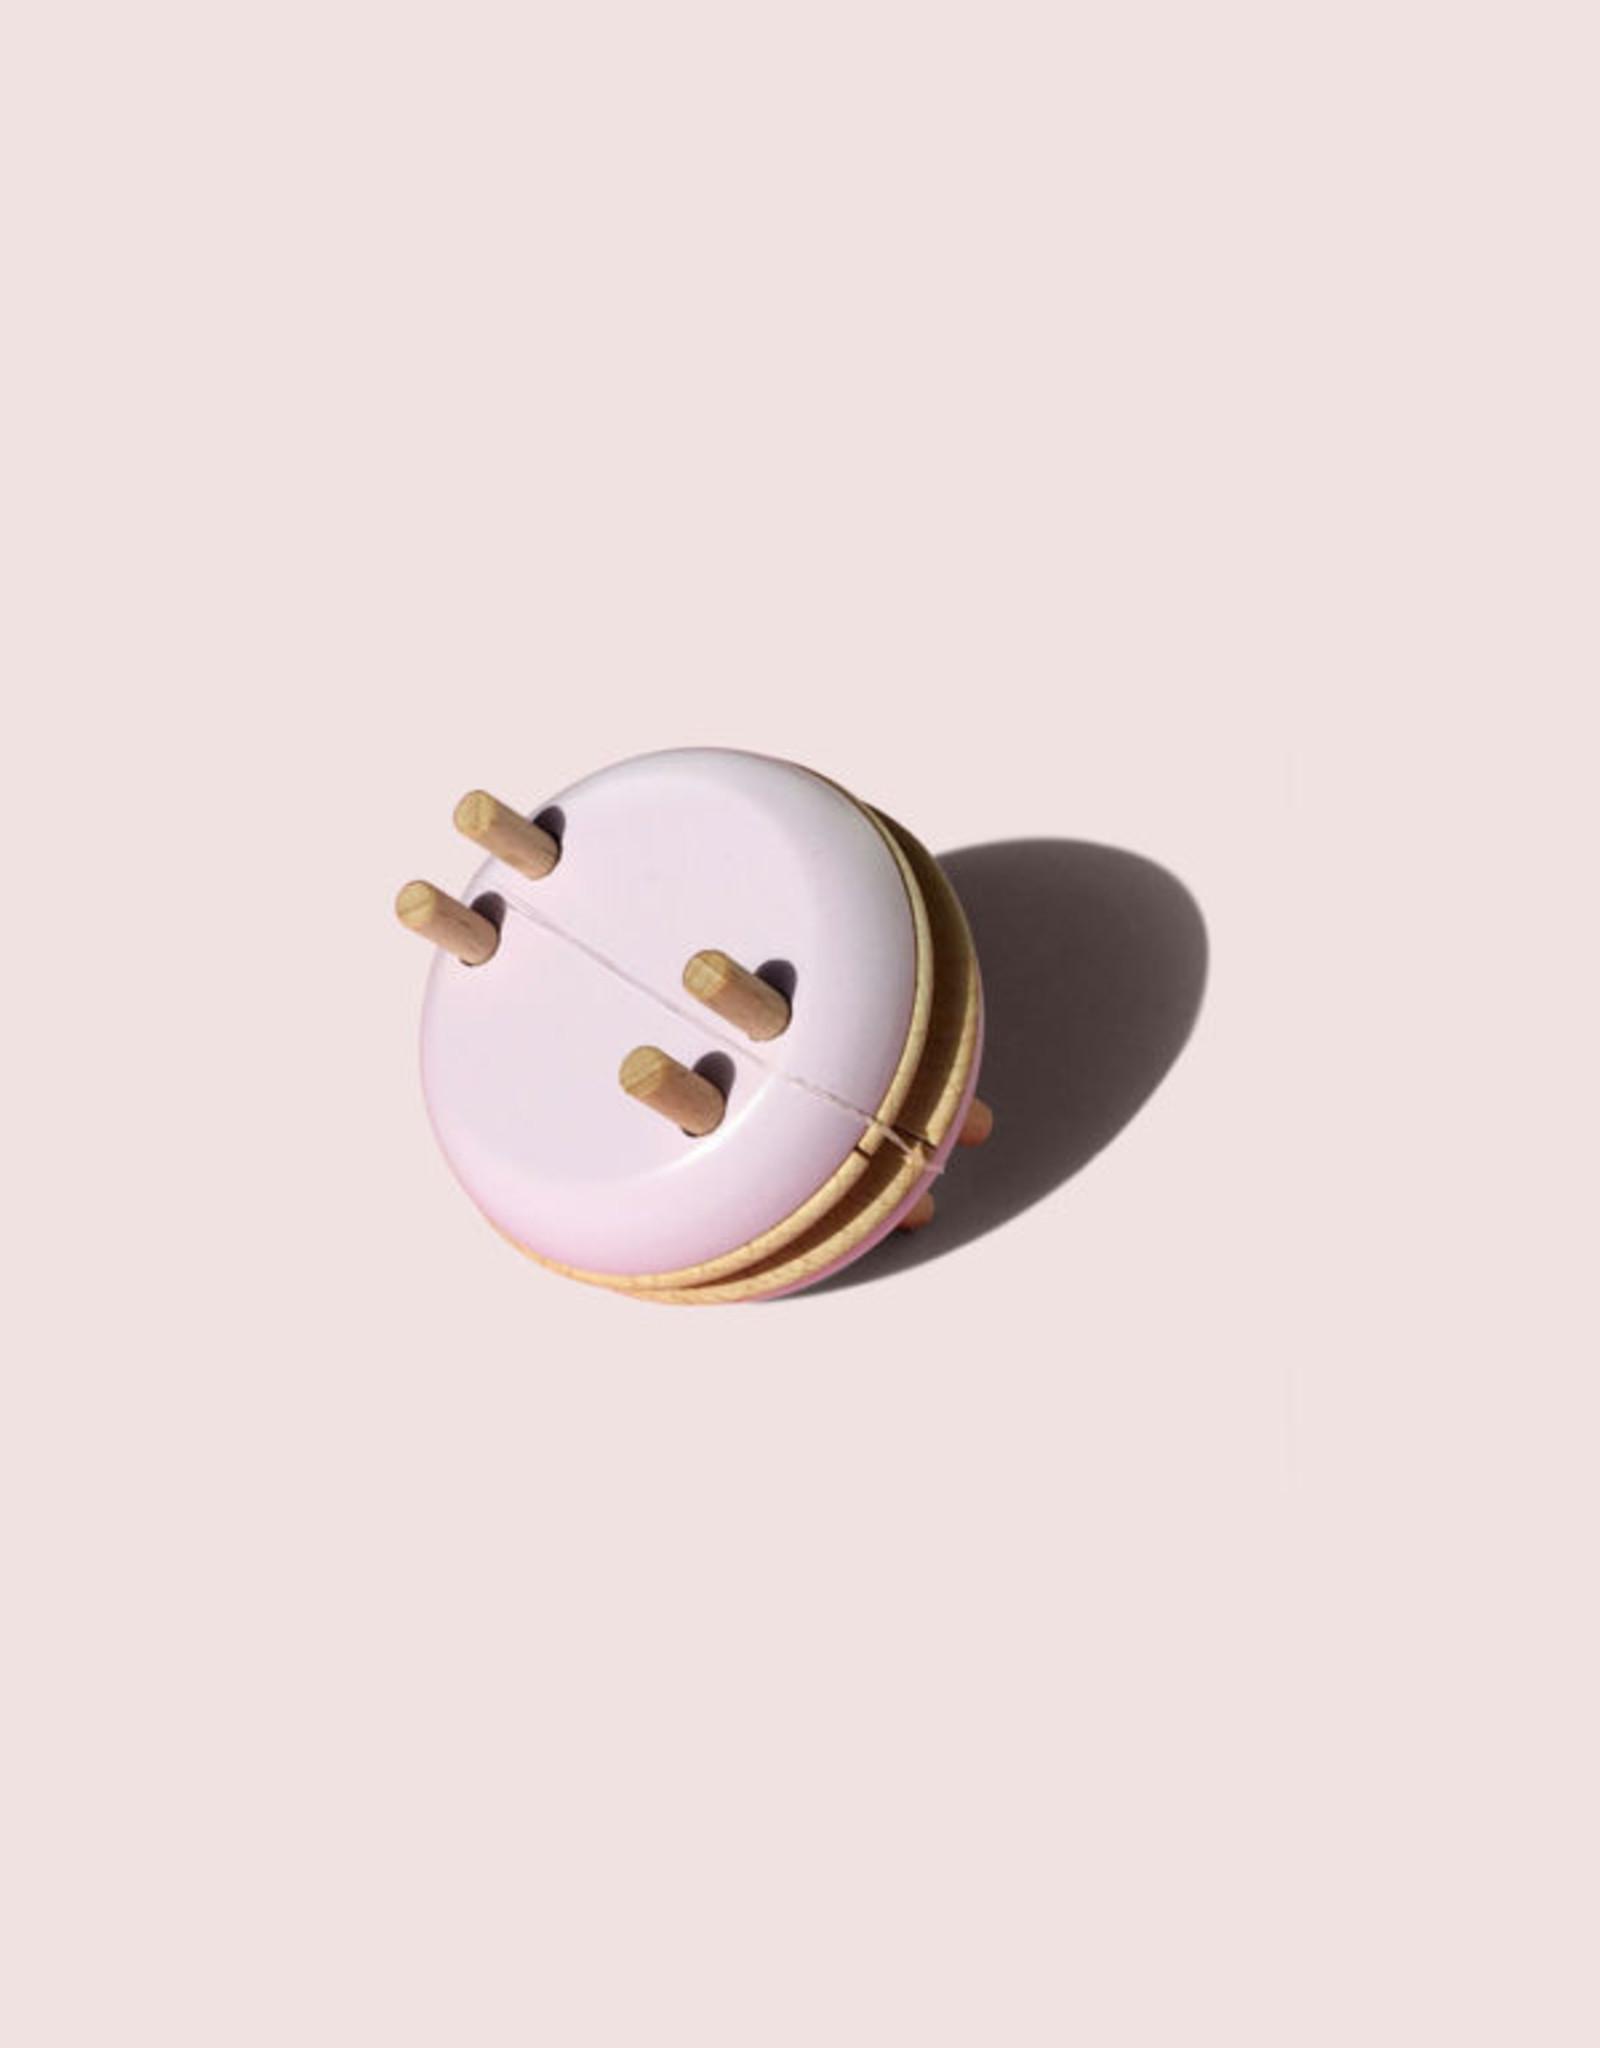 living refinery Macaron Small Pom Pom Maker